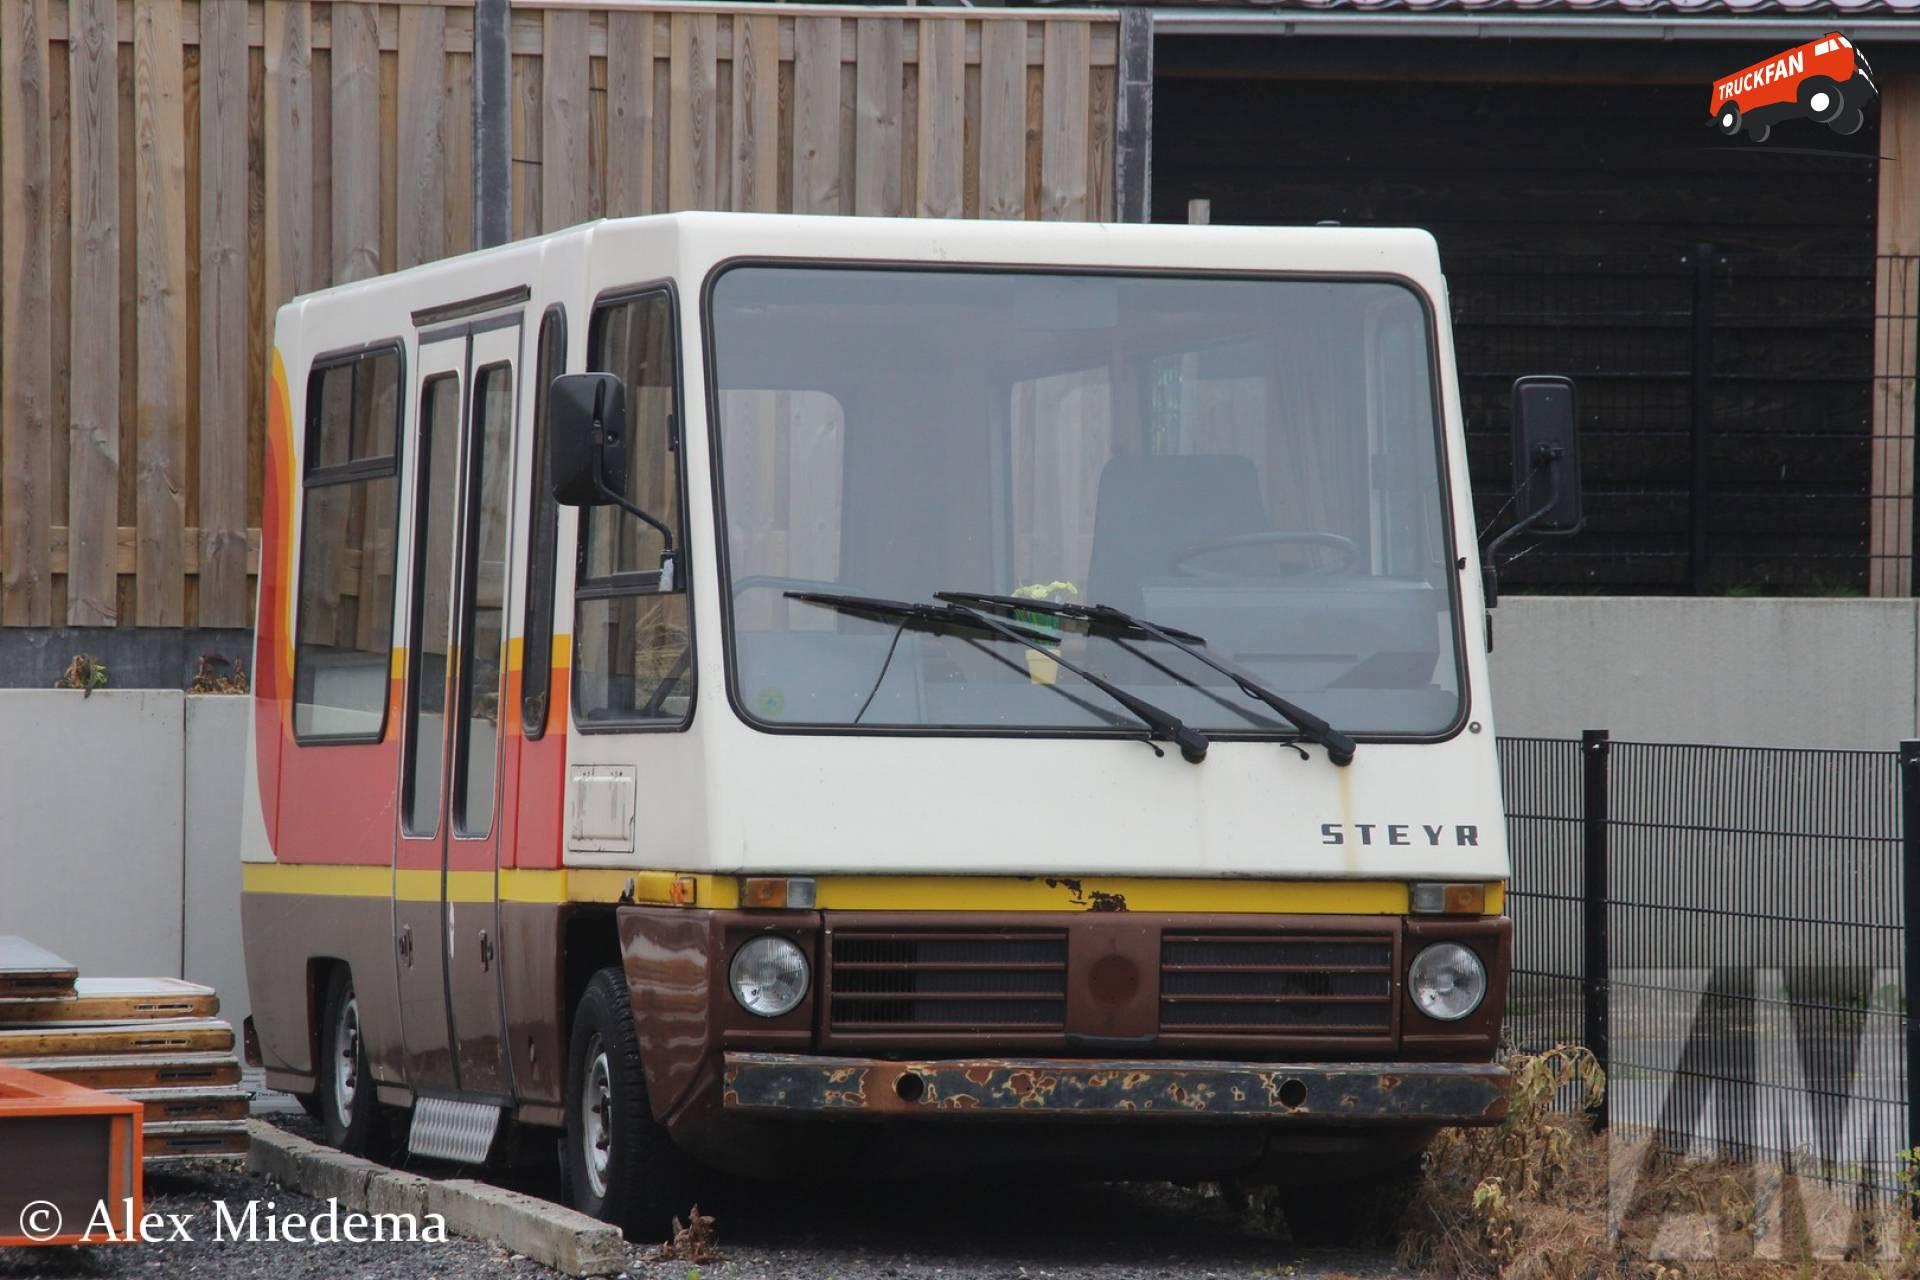 Steyr bus